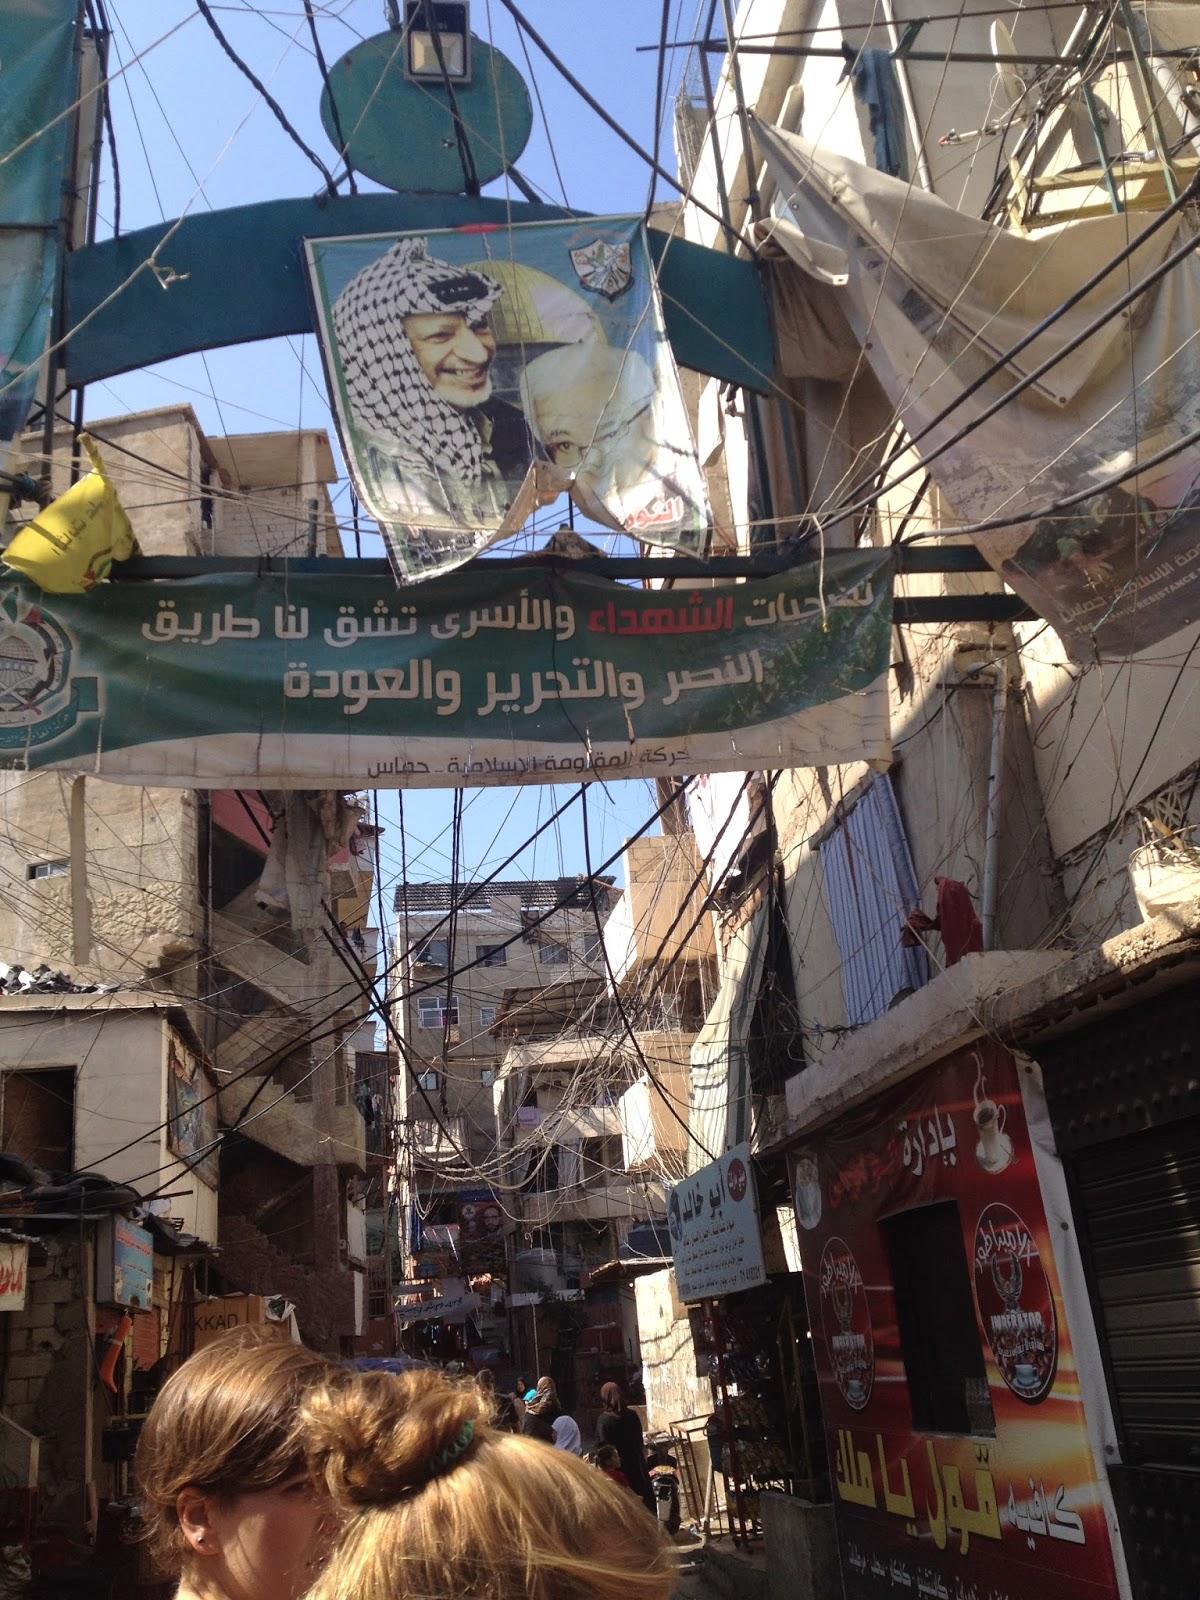 Palästinensisches Flüchtlingslager